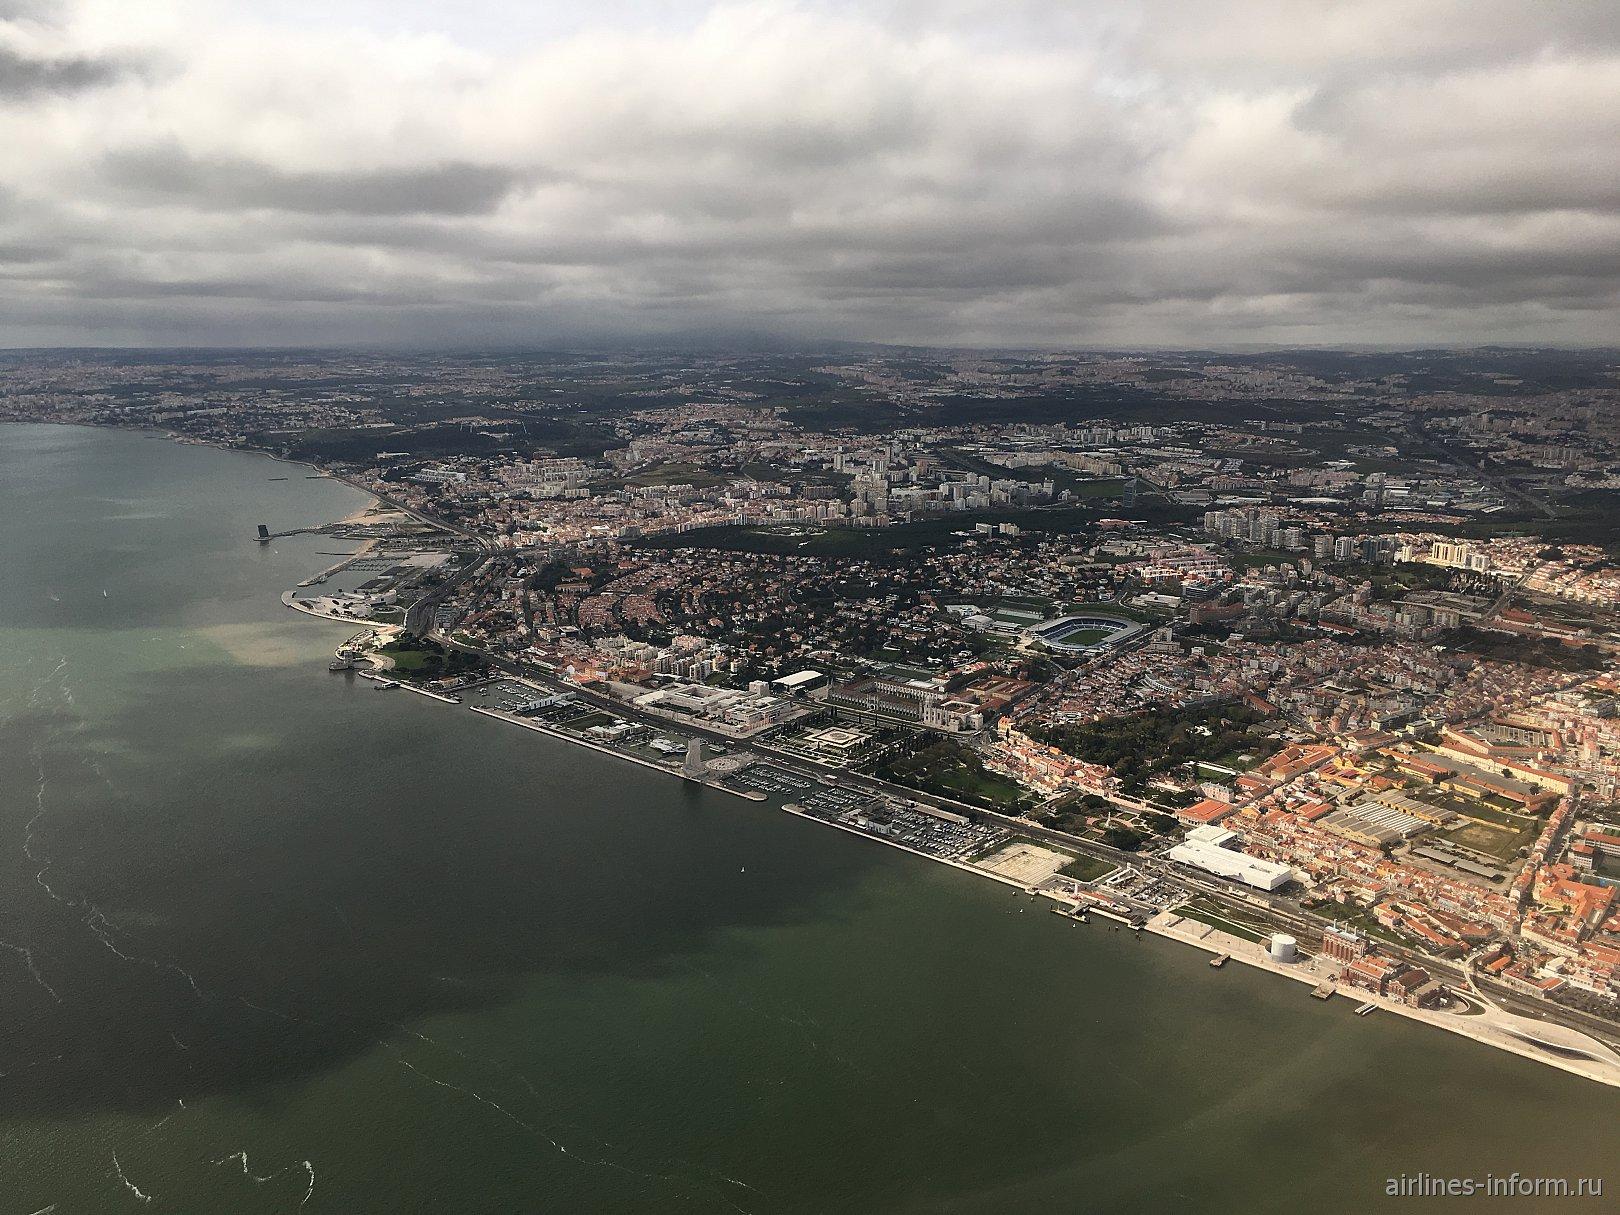 В полете над Лиссабоном - река Тежу (Тахо), монастырь Жеронимуш, памятник первооткрывателям